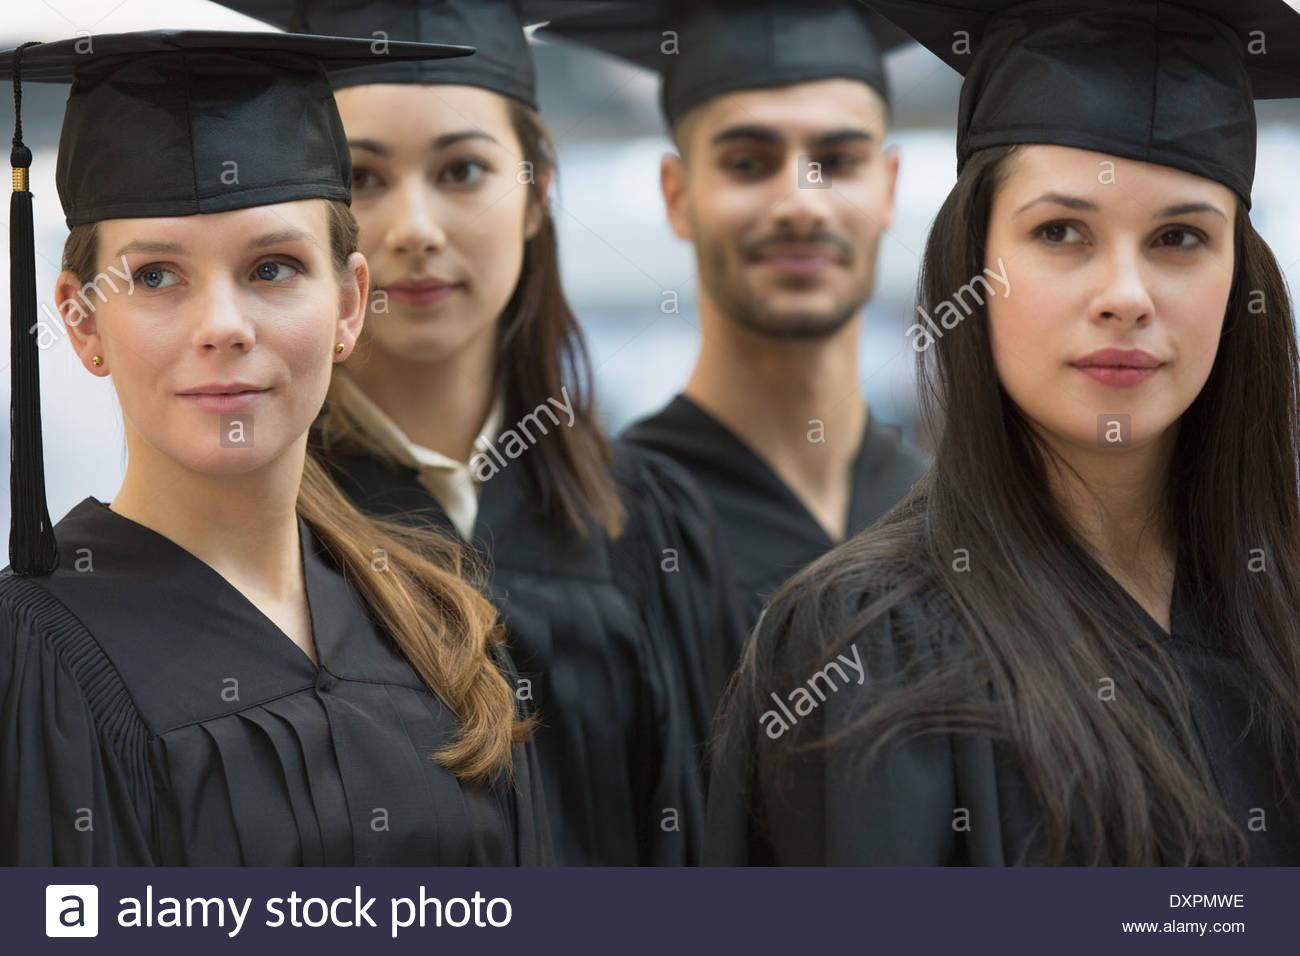 Seguros de graduados universitarios Imagen De Stock